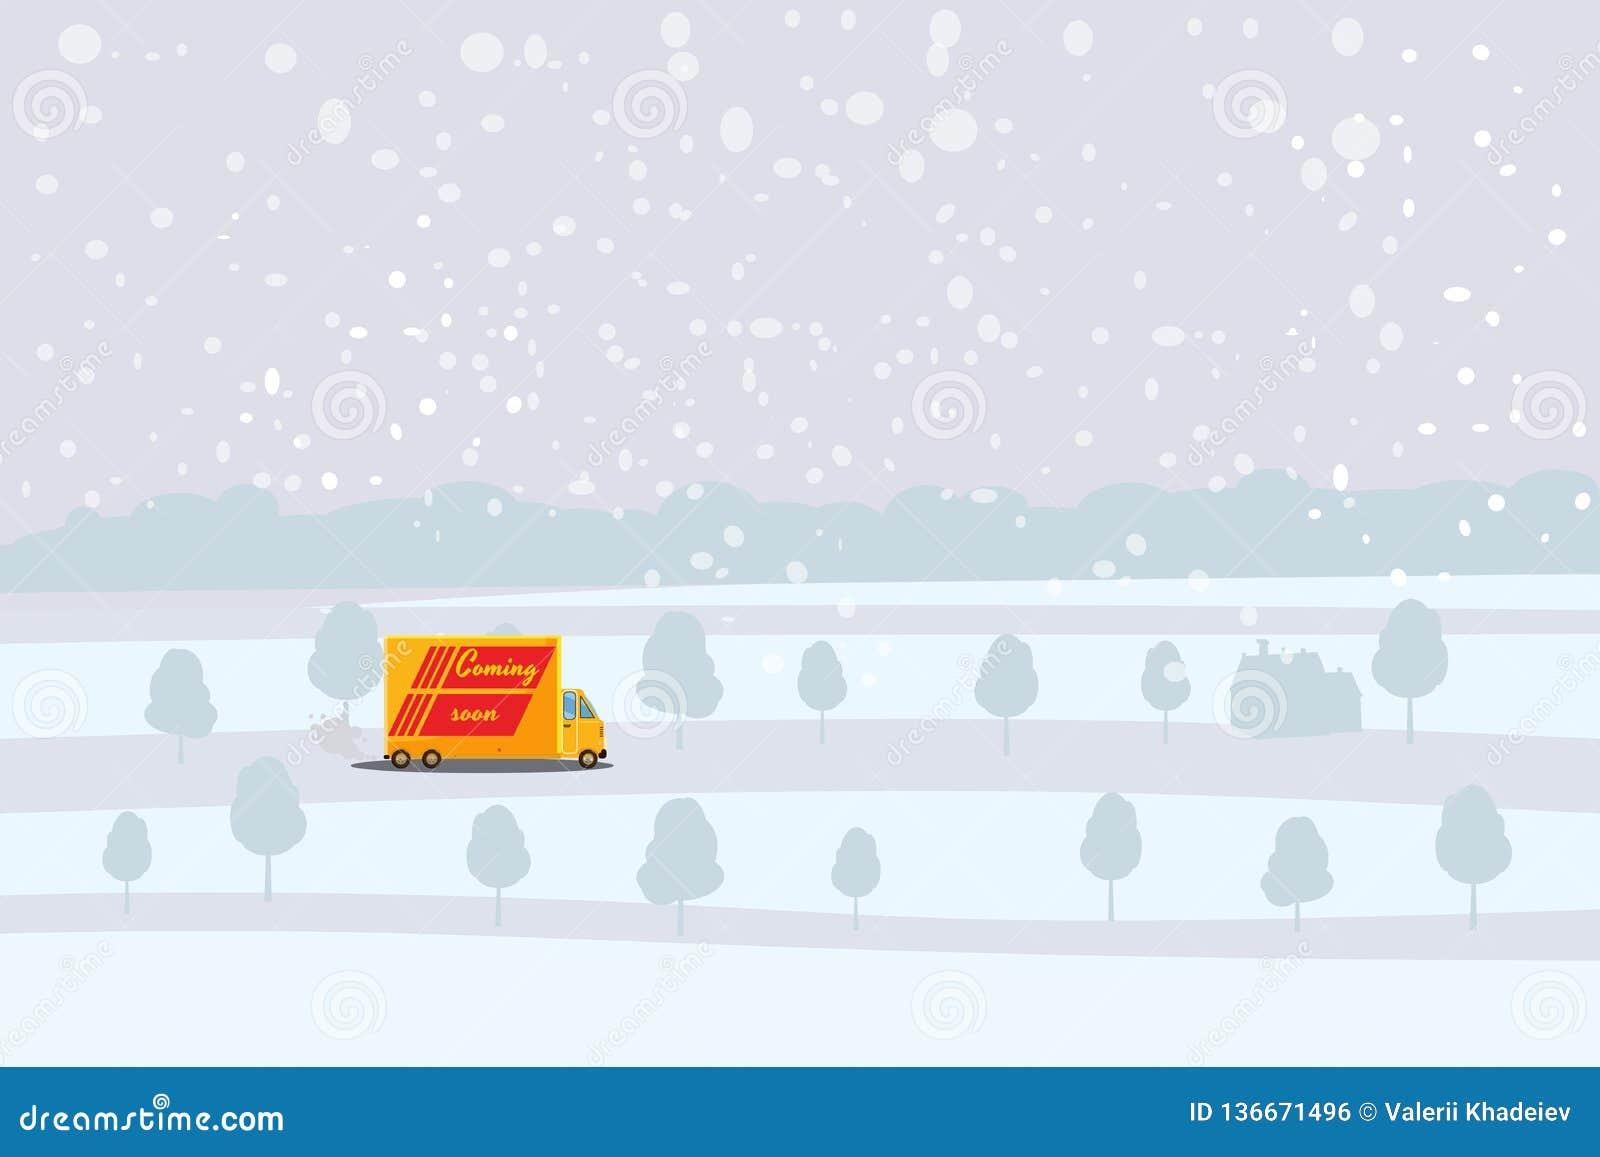 El camión de reparto monta en el camino nevado, el concepto, rápidamente y la entrega conveniente del cargo y de los paquetes Mer